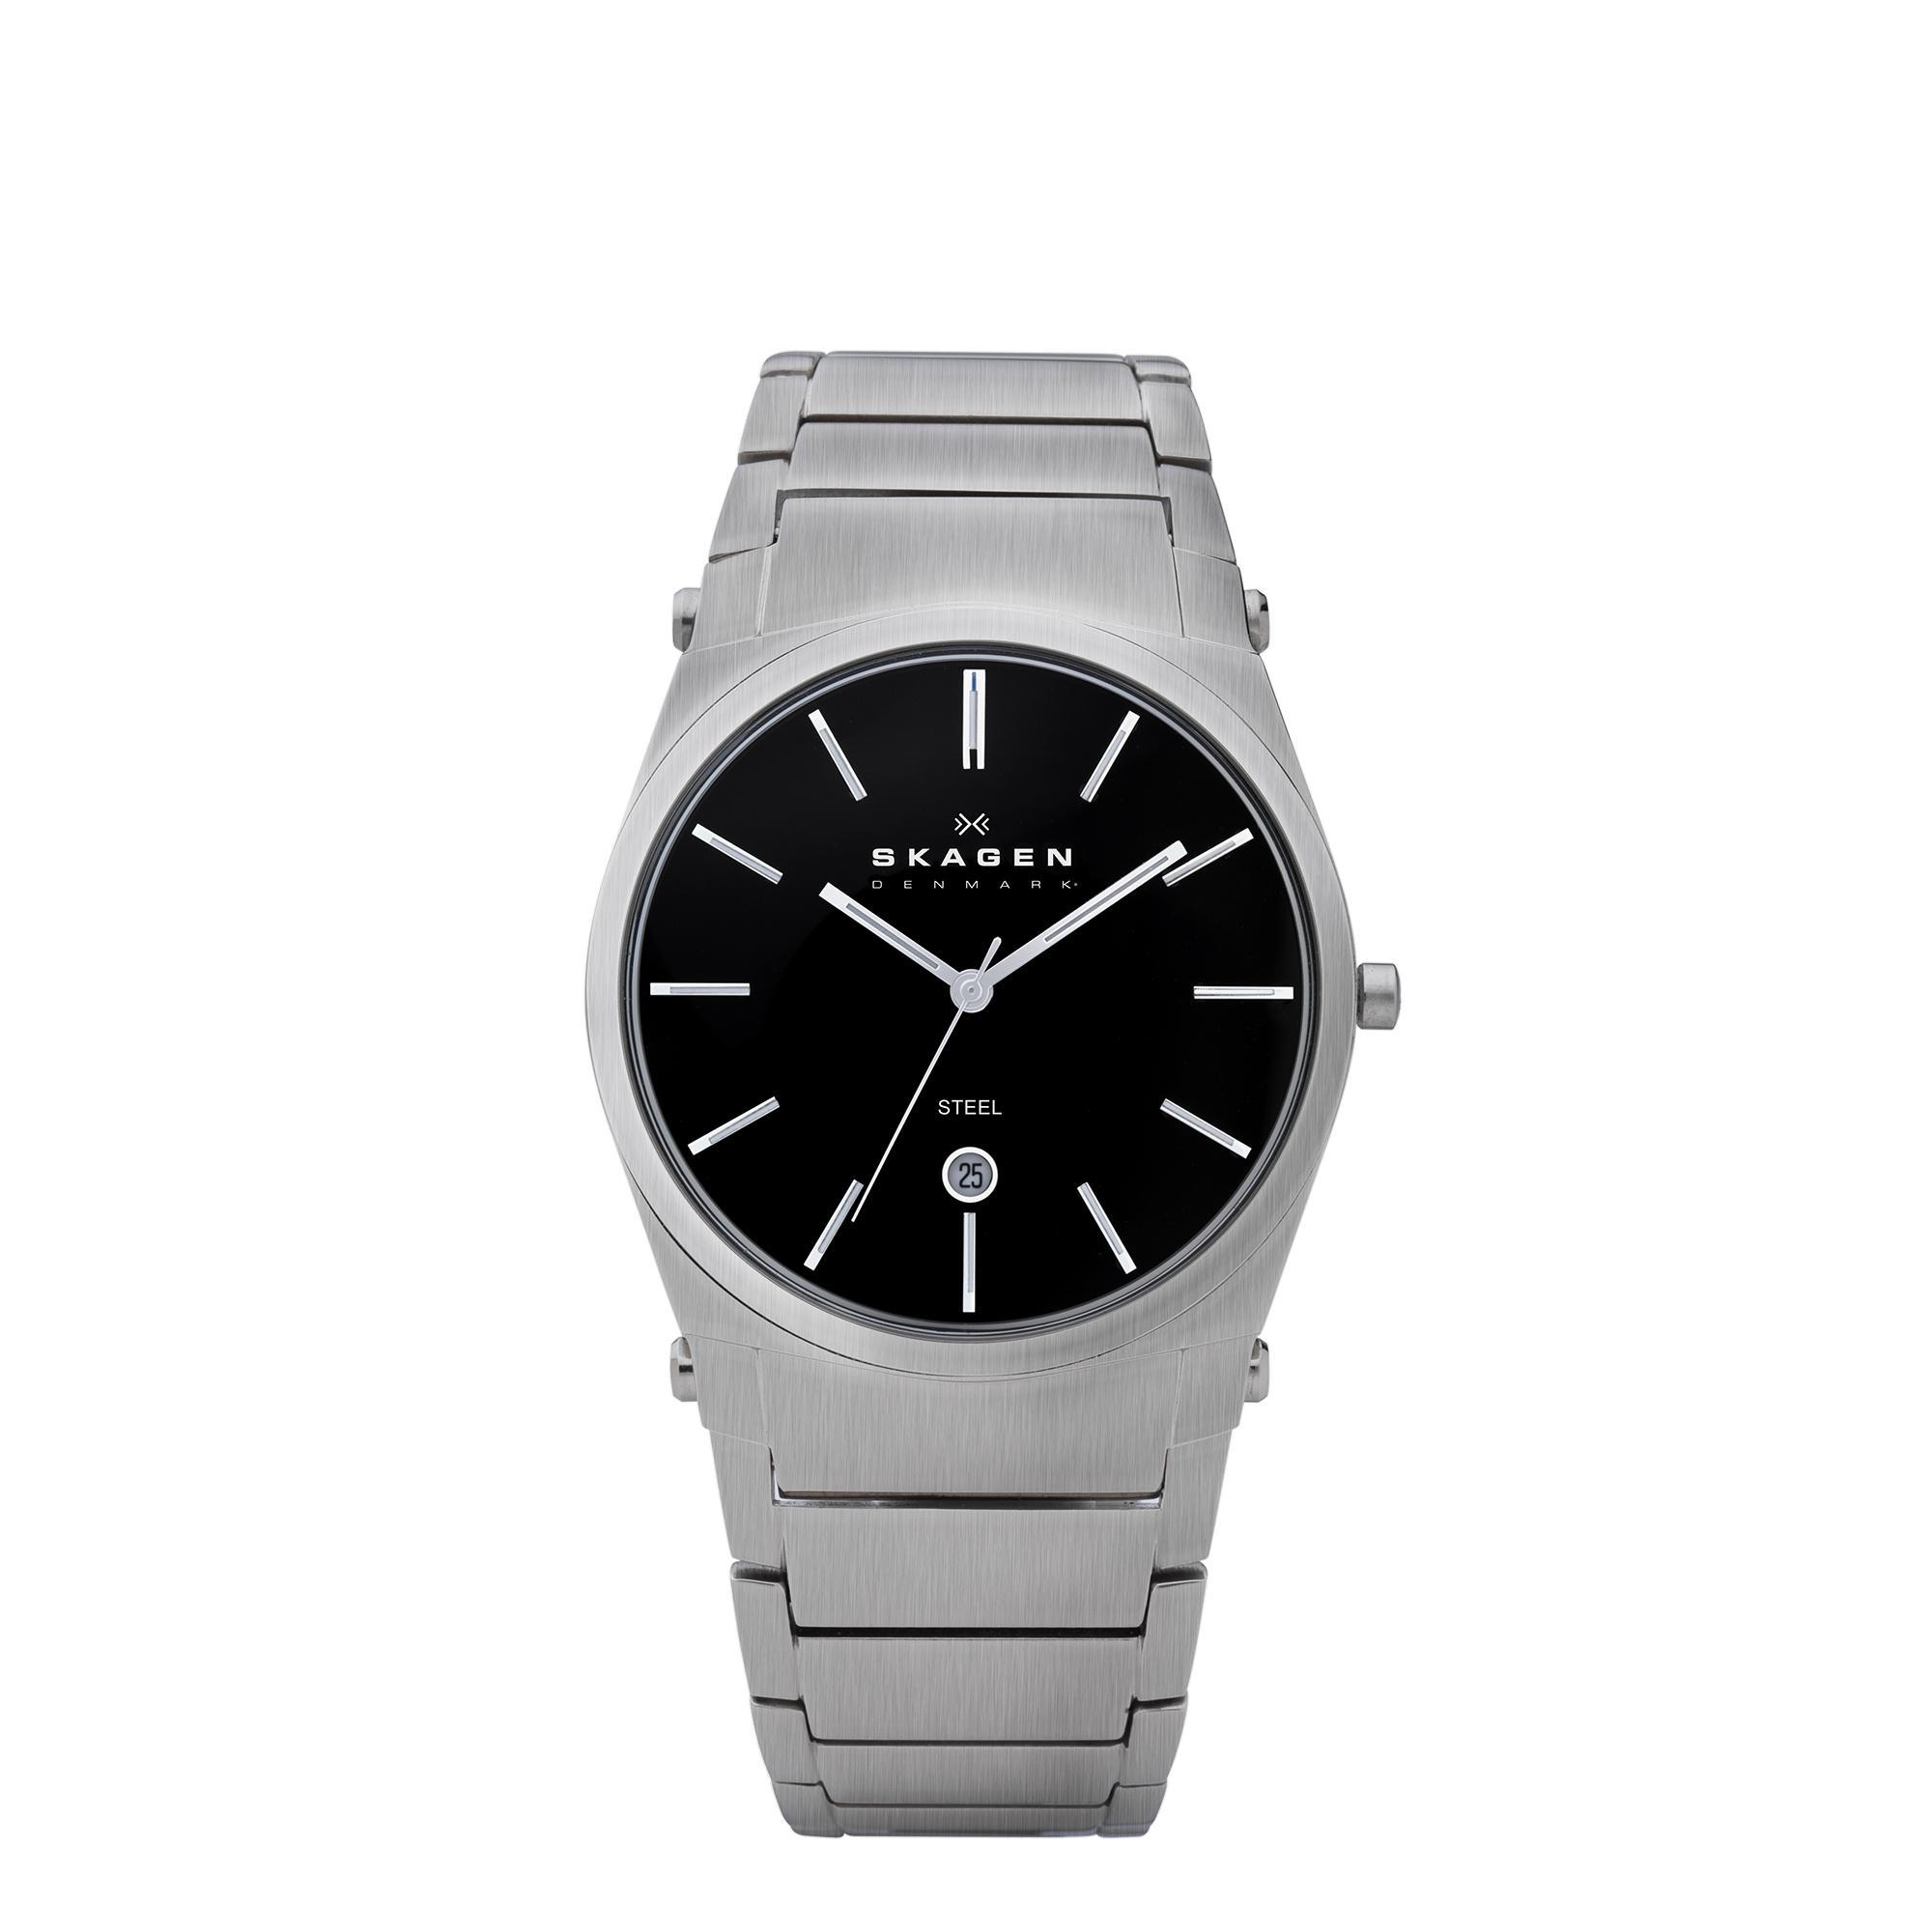 Skagen Men's Contemporary Stainless-Steel Watch